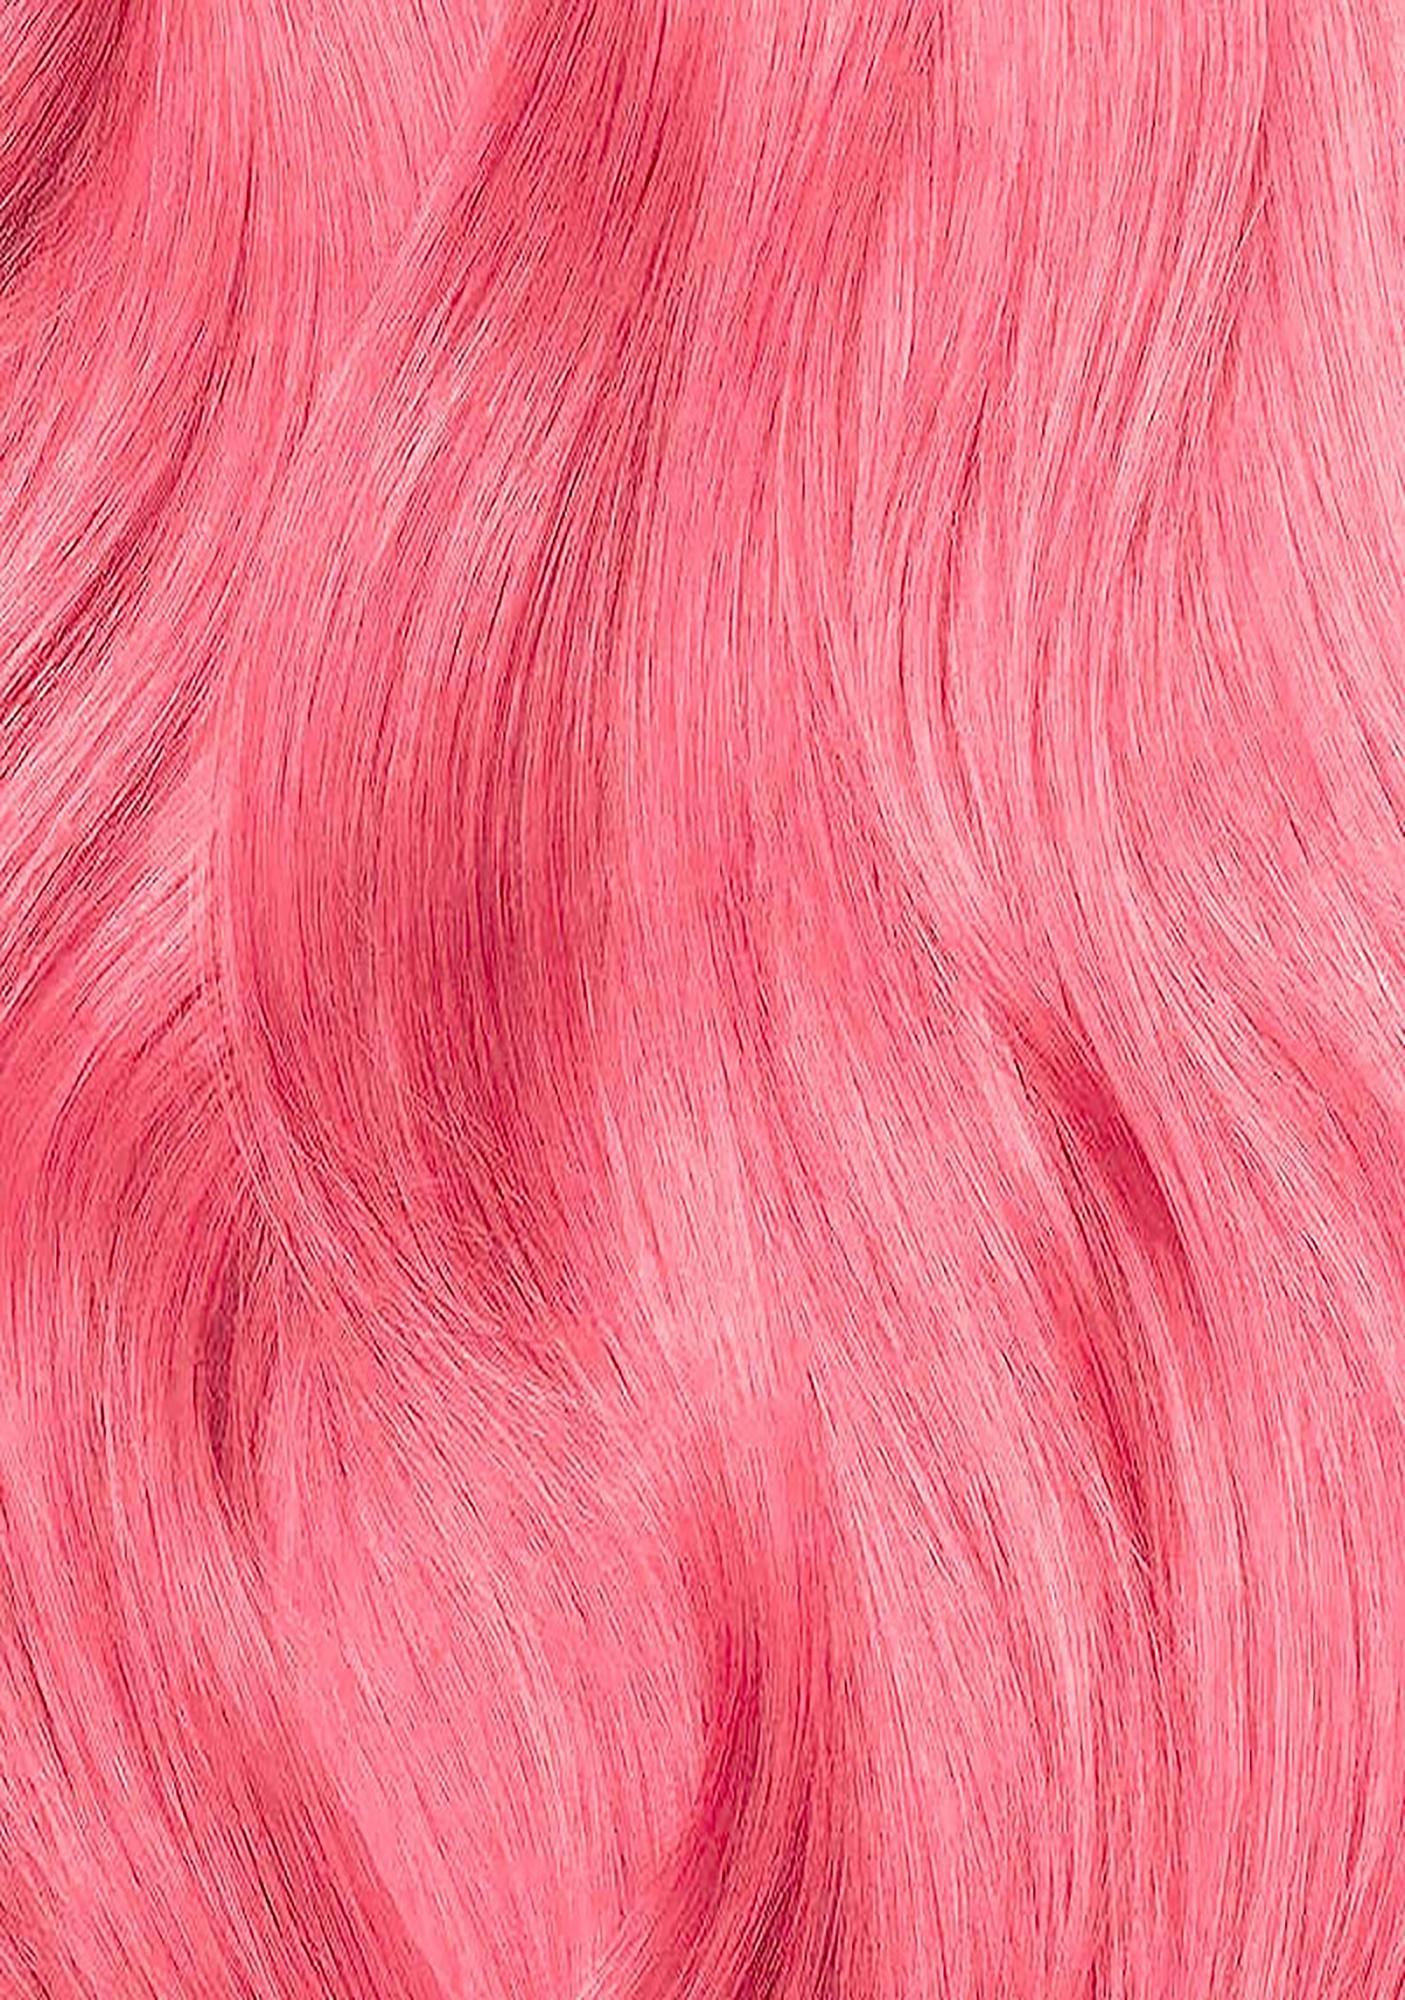 Lunar Tides Coral Pink Semi-Permanent Hair Dye